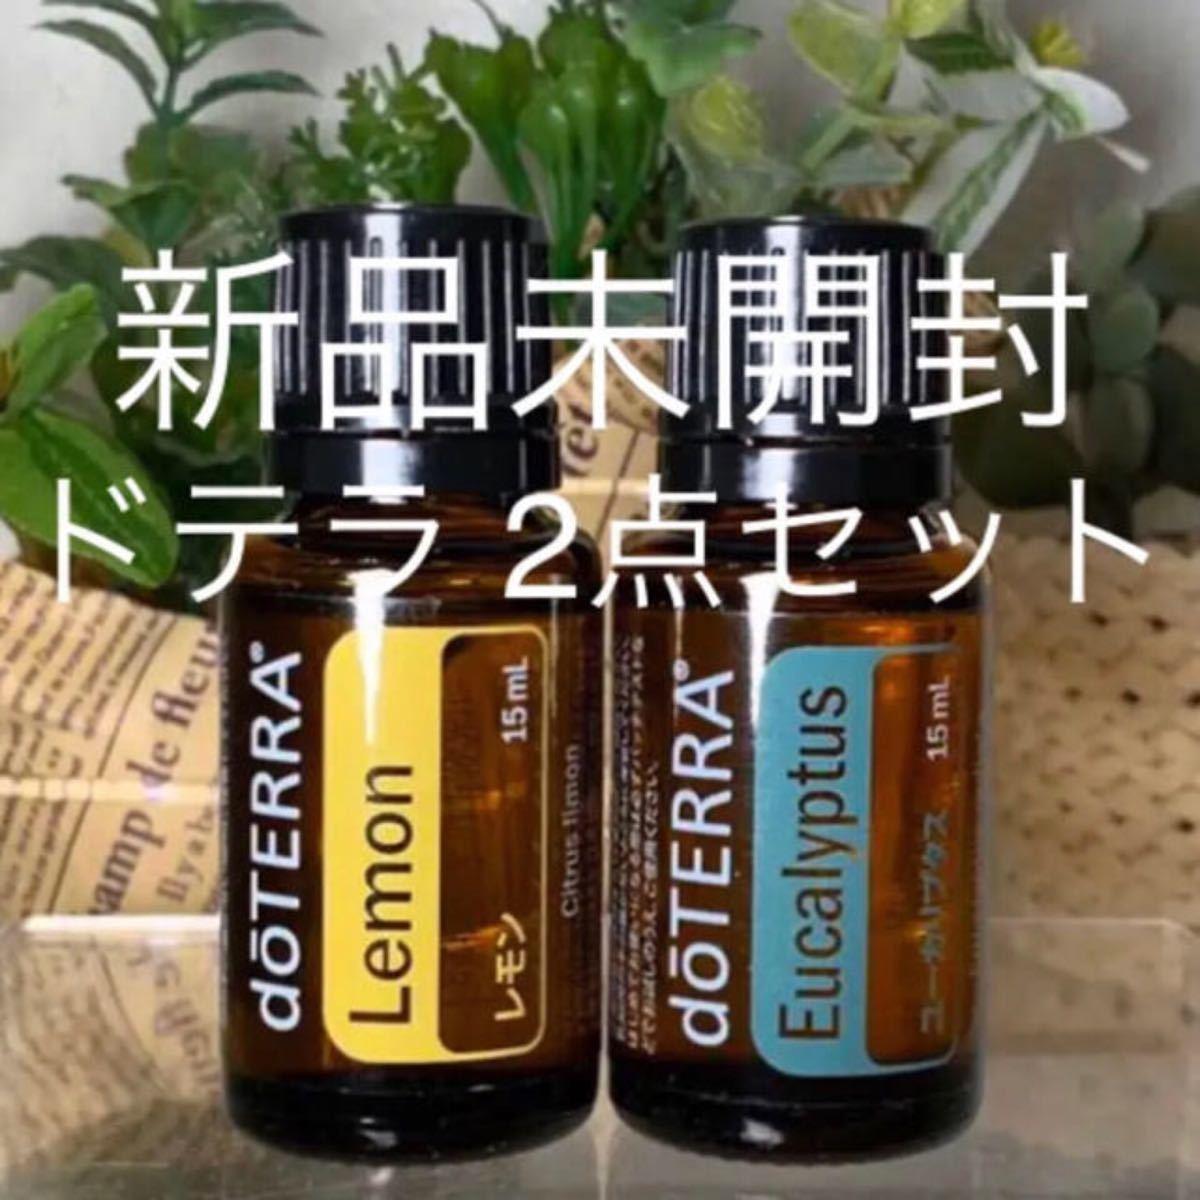 ドテラ レモン 15ml & ユーカリプタス 15ml 2点セット★新品未開封★